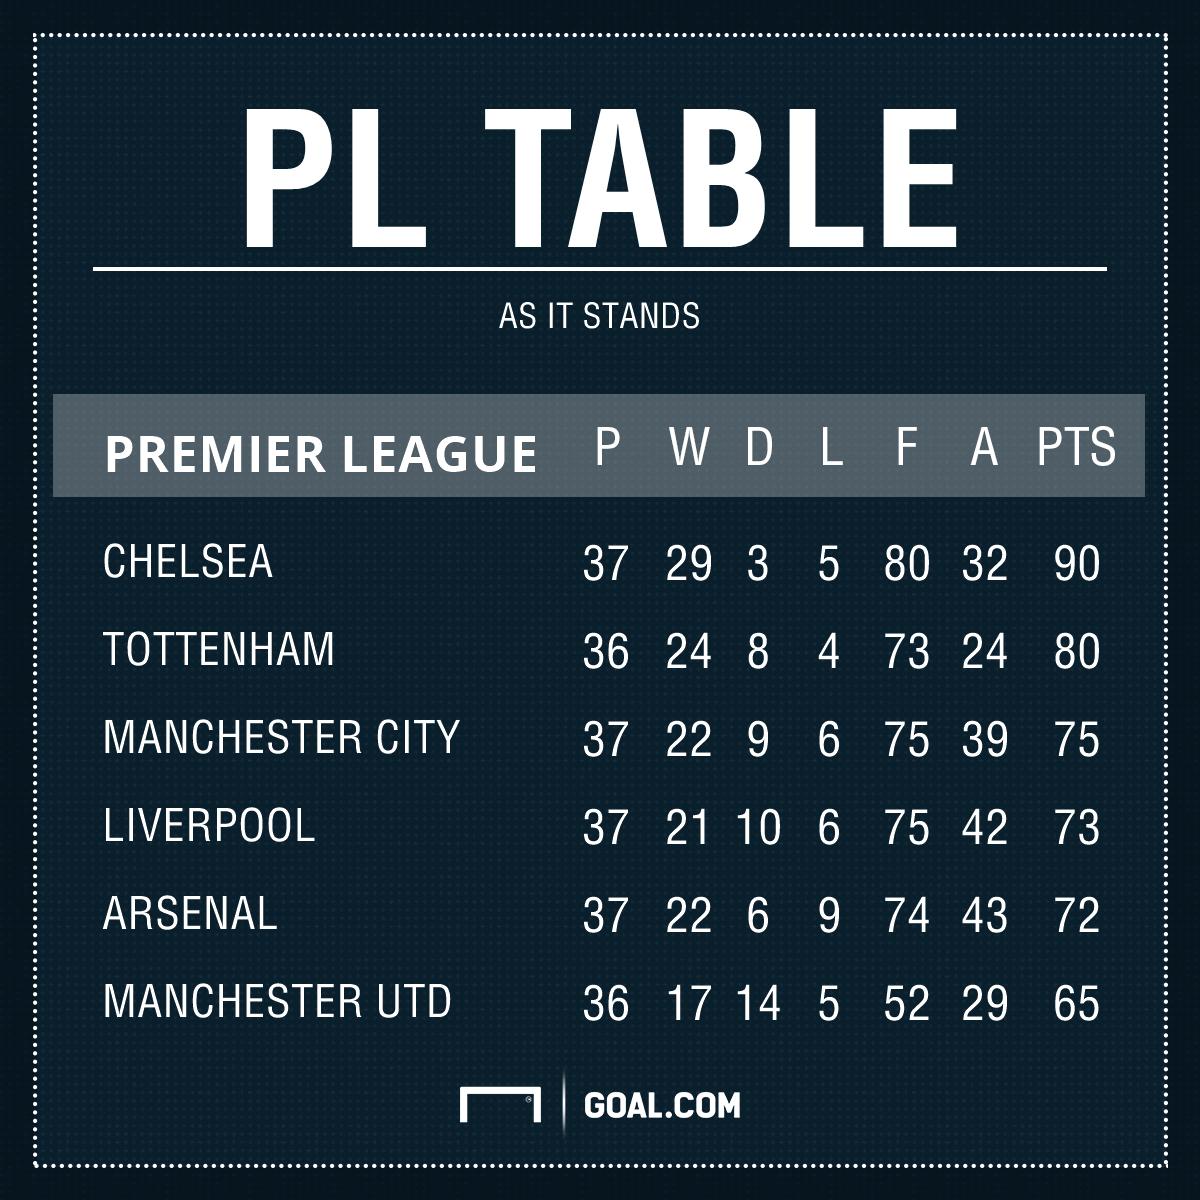 Premier League Tabelle Champions League Plätze